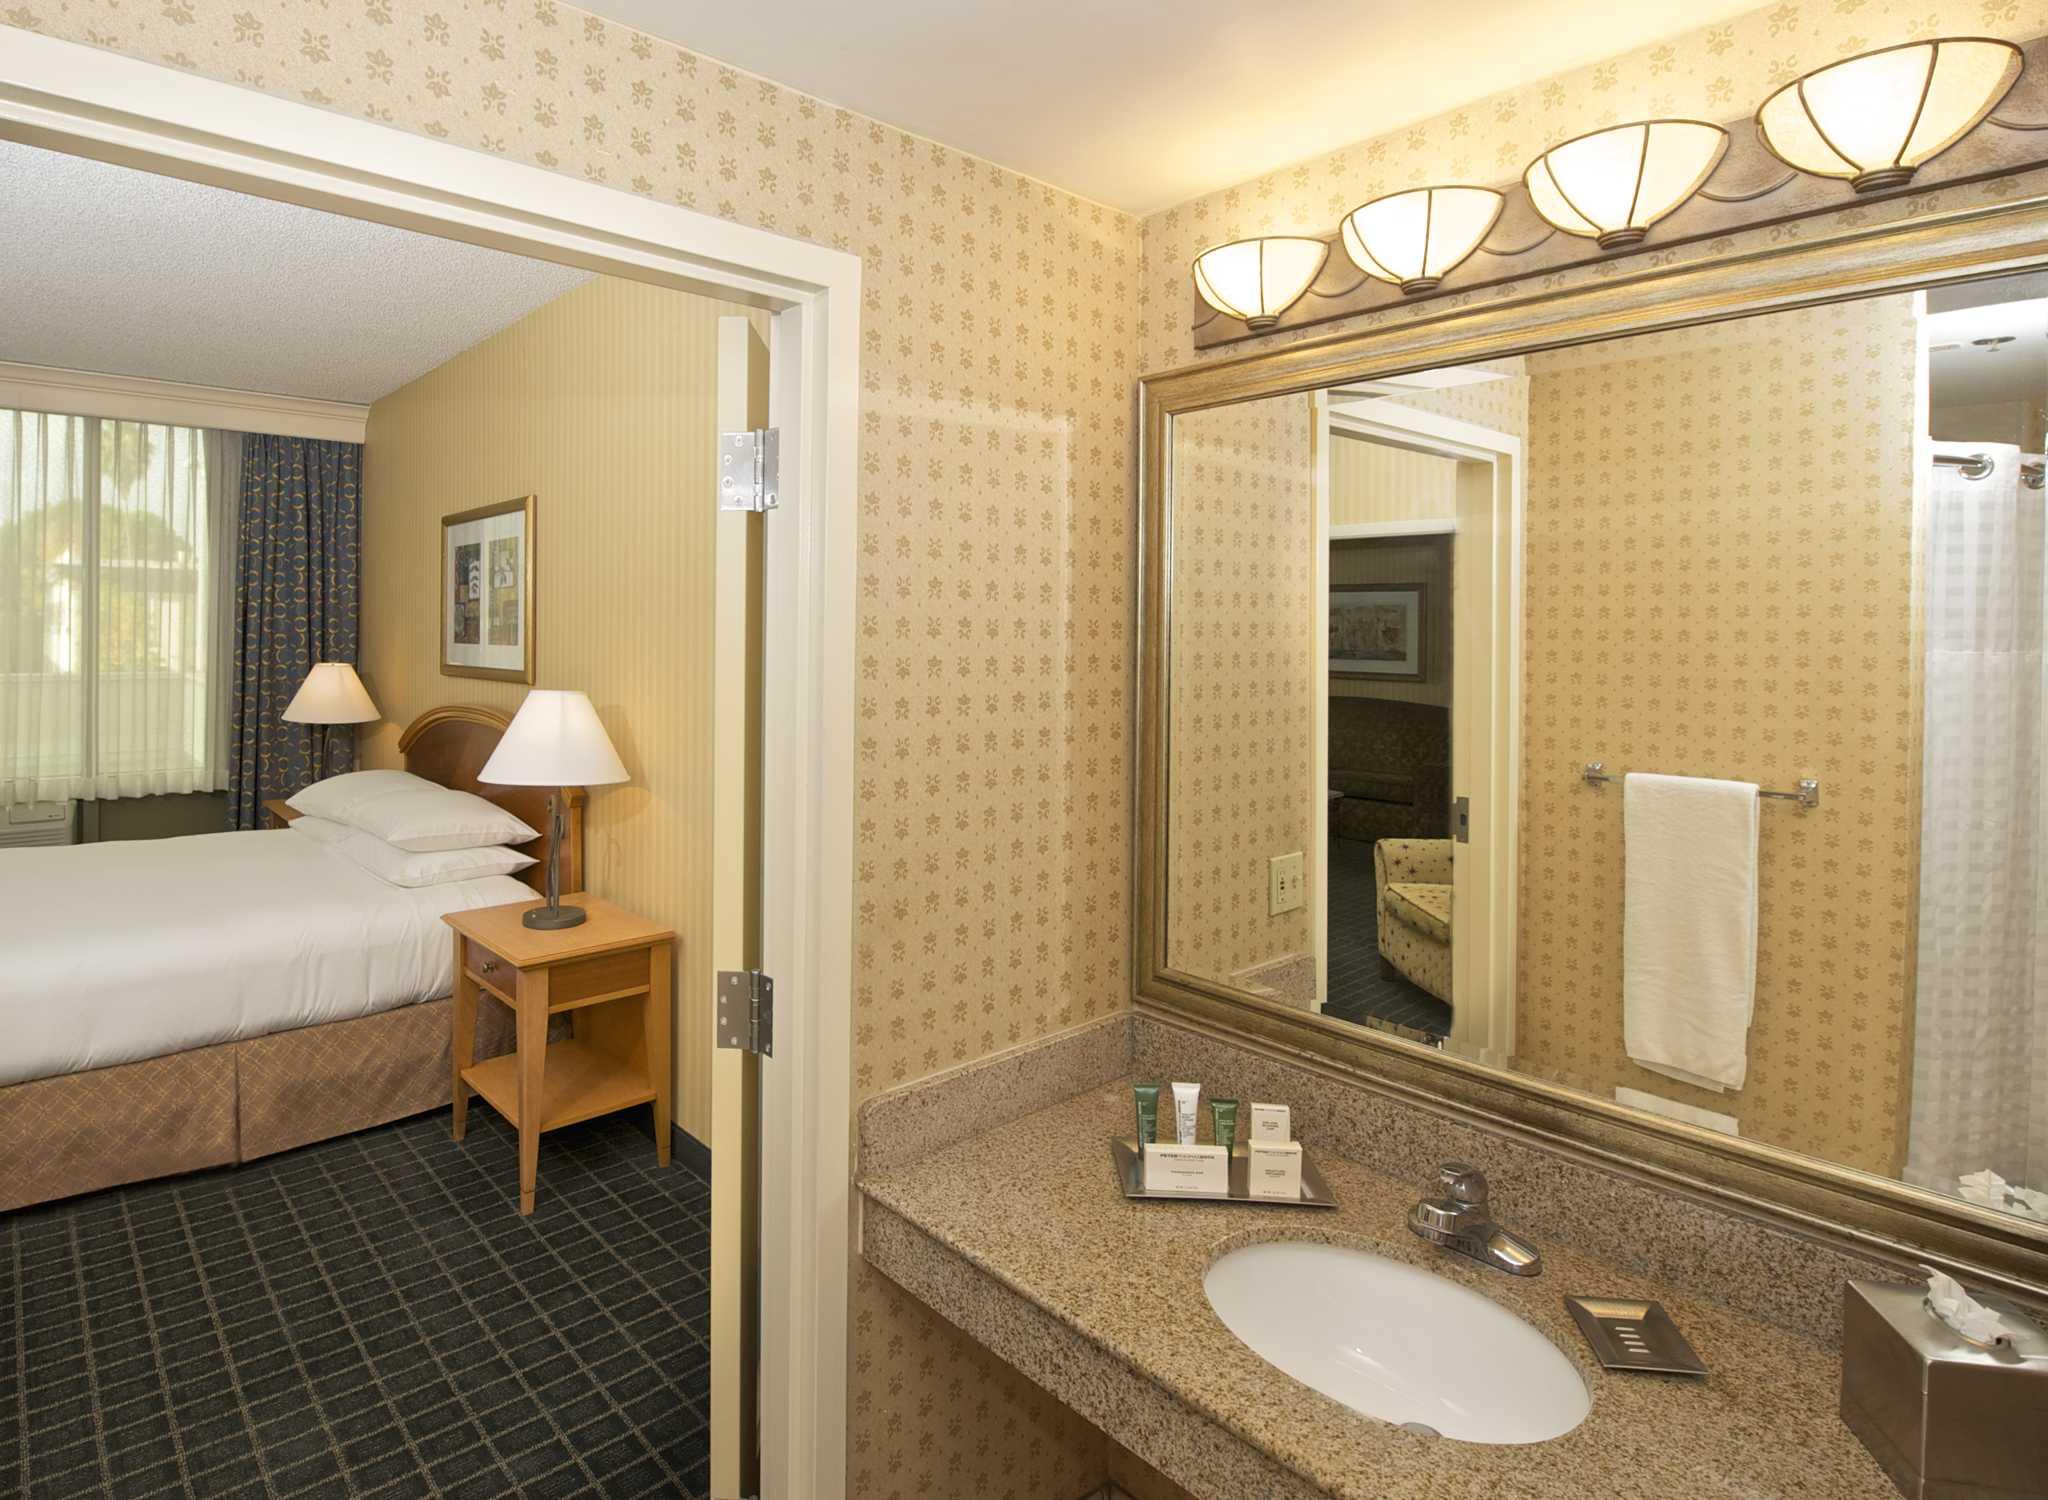 H Tel Hilton Pasadena Pr S De Los Angeles